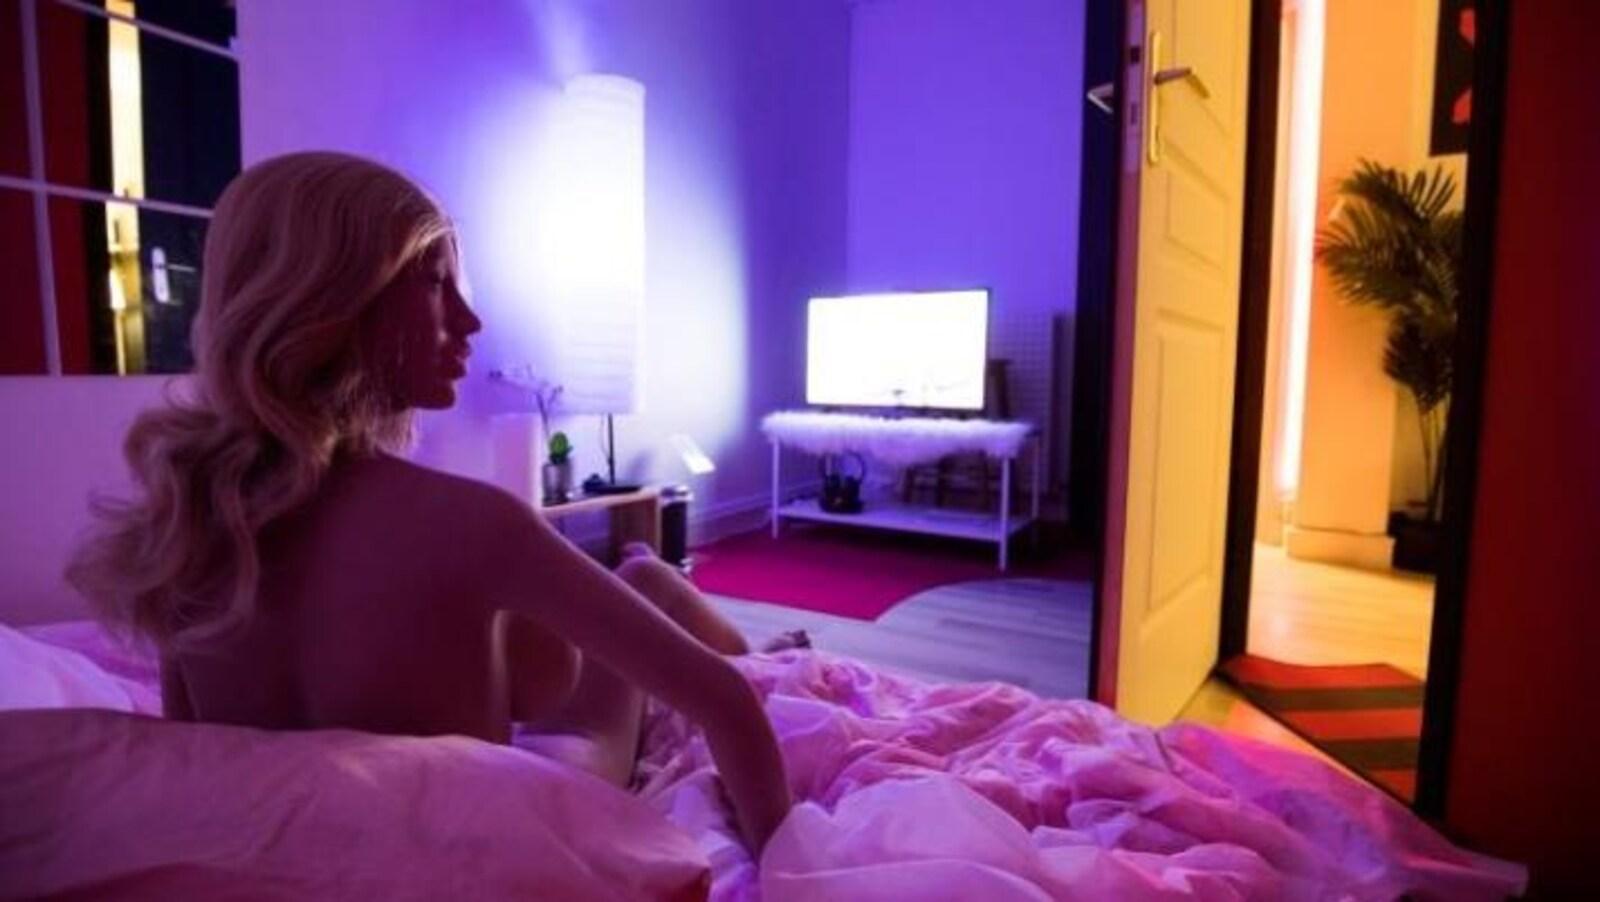 une poupée en silicone nue sur un lit, blonde, regarde la télé